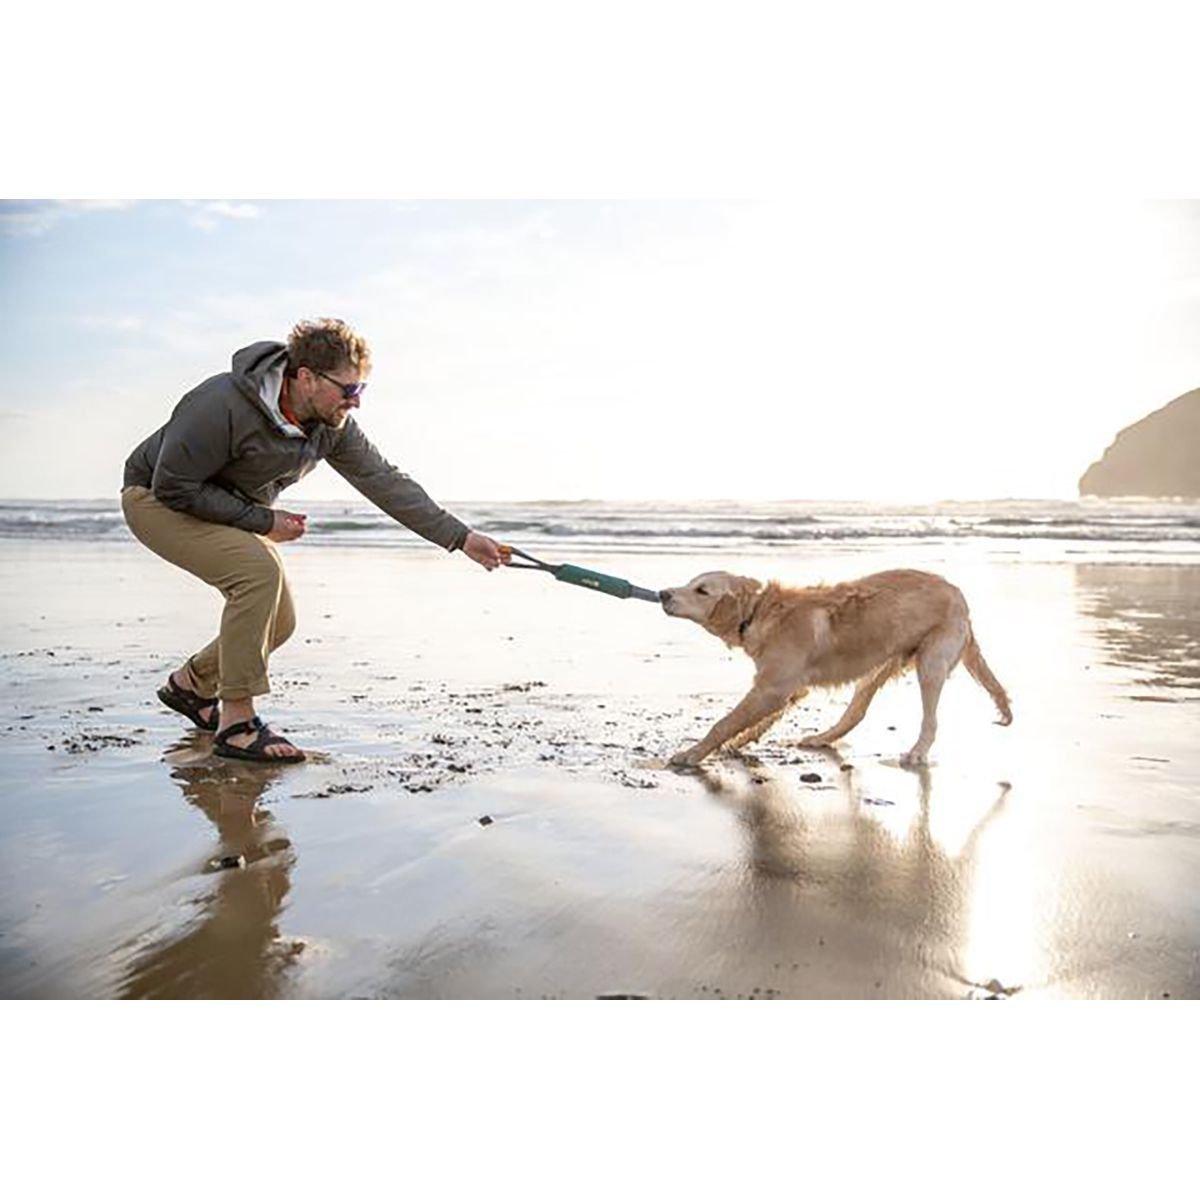 Ruffwear Pacific Loop™ Hundespielzeug Hundedummy, Bild 2